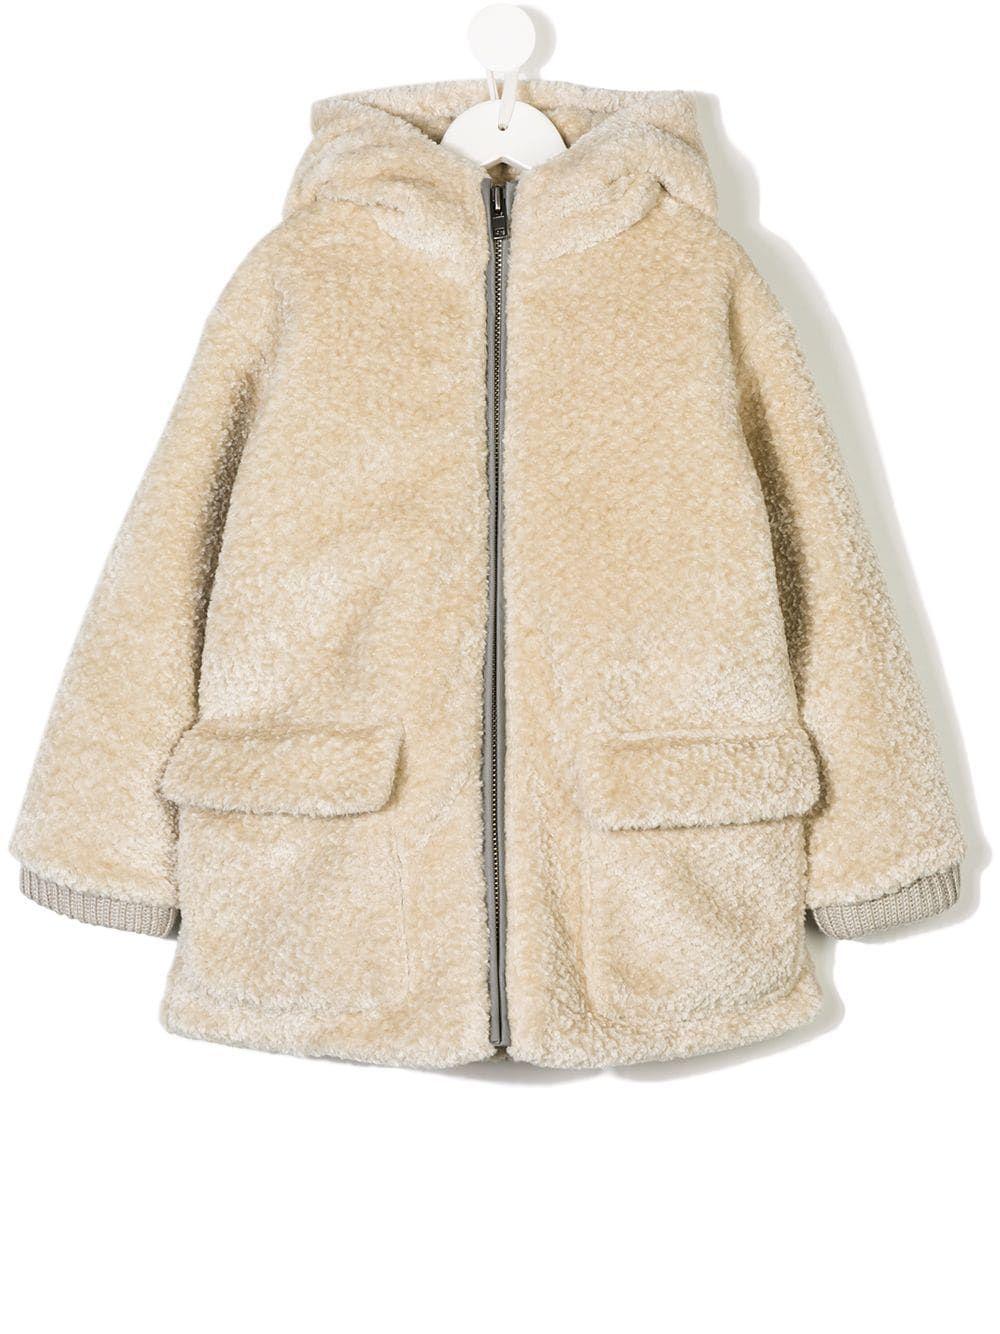 61675d933 stellamccartney  jacket  puffed  jackets  kids  winter  fashion www ...